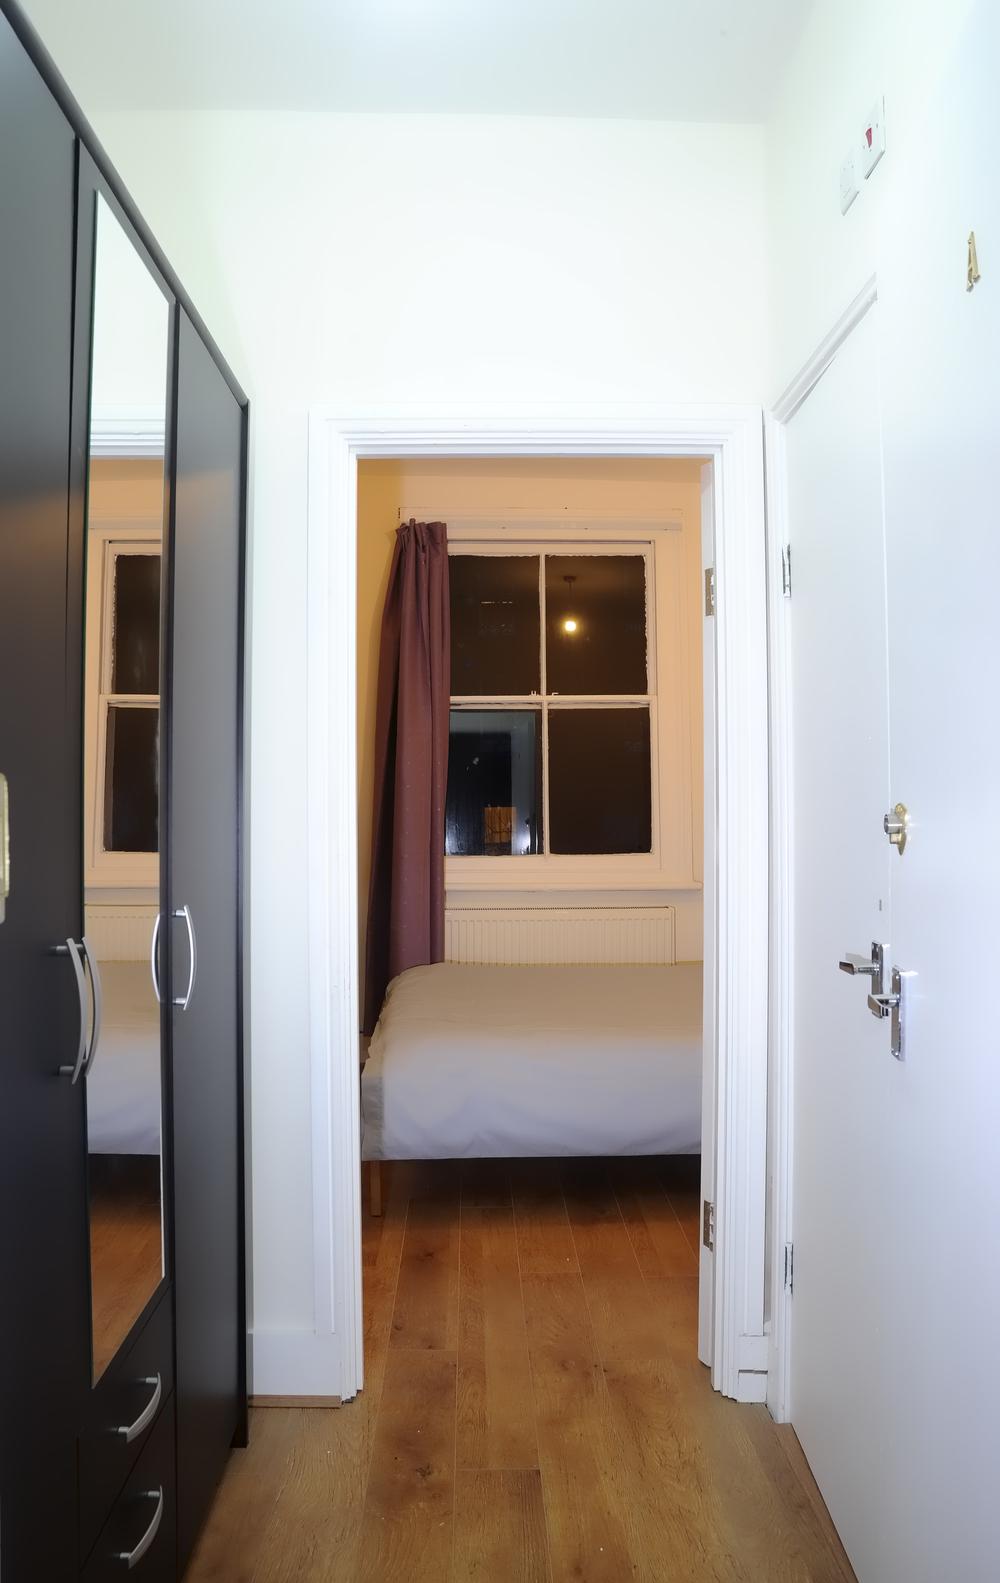 La nostra camera da letto matrimoniale dispone di uno spazioso armadio dove mettere le valigie e sistemare i vestiti.